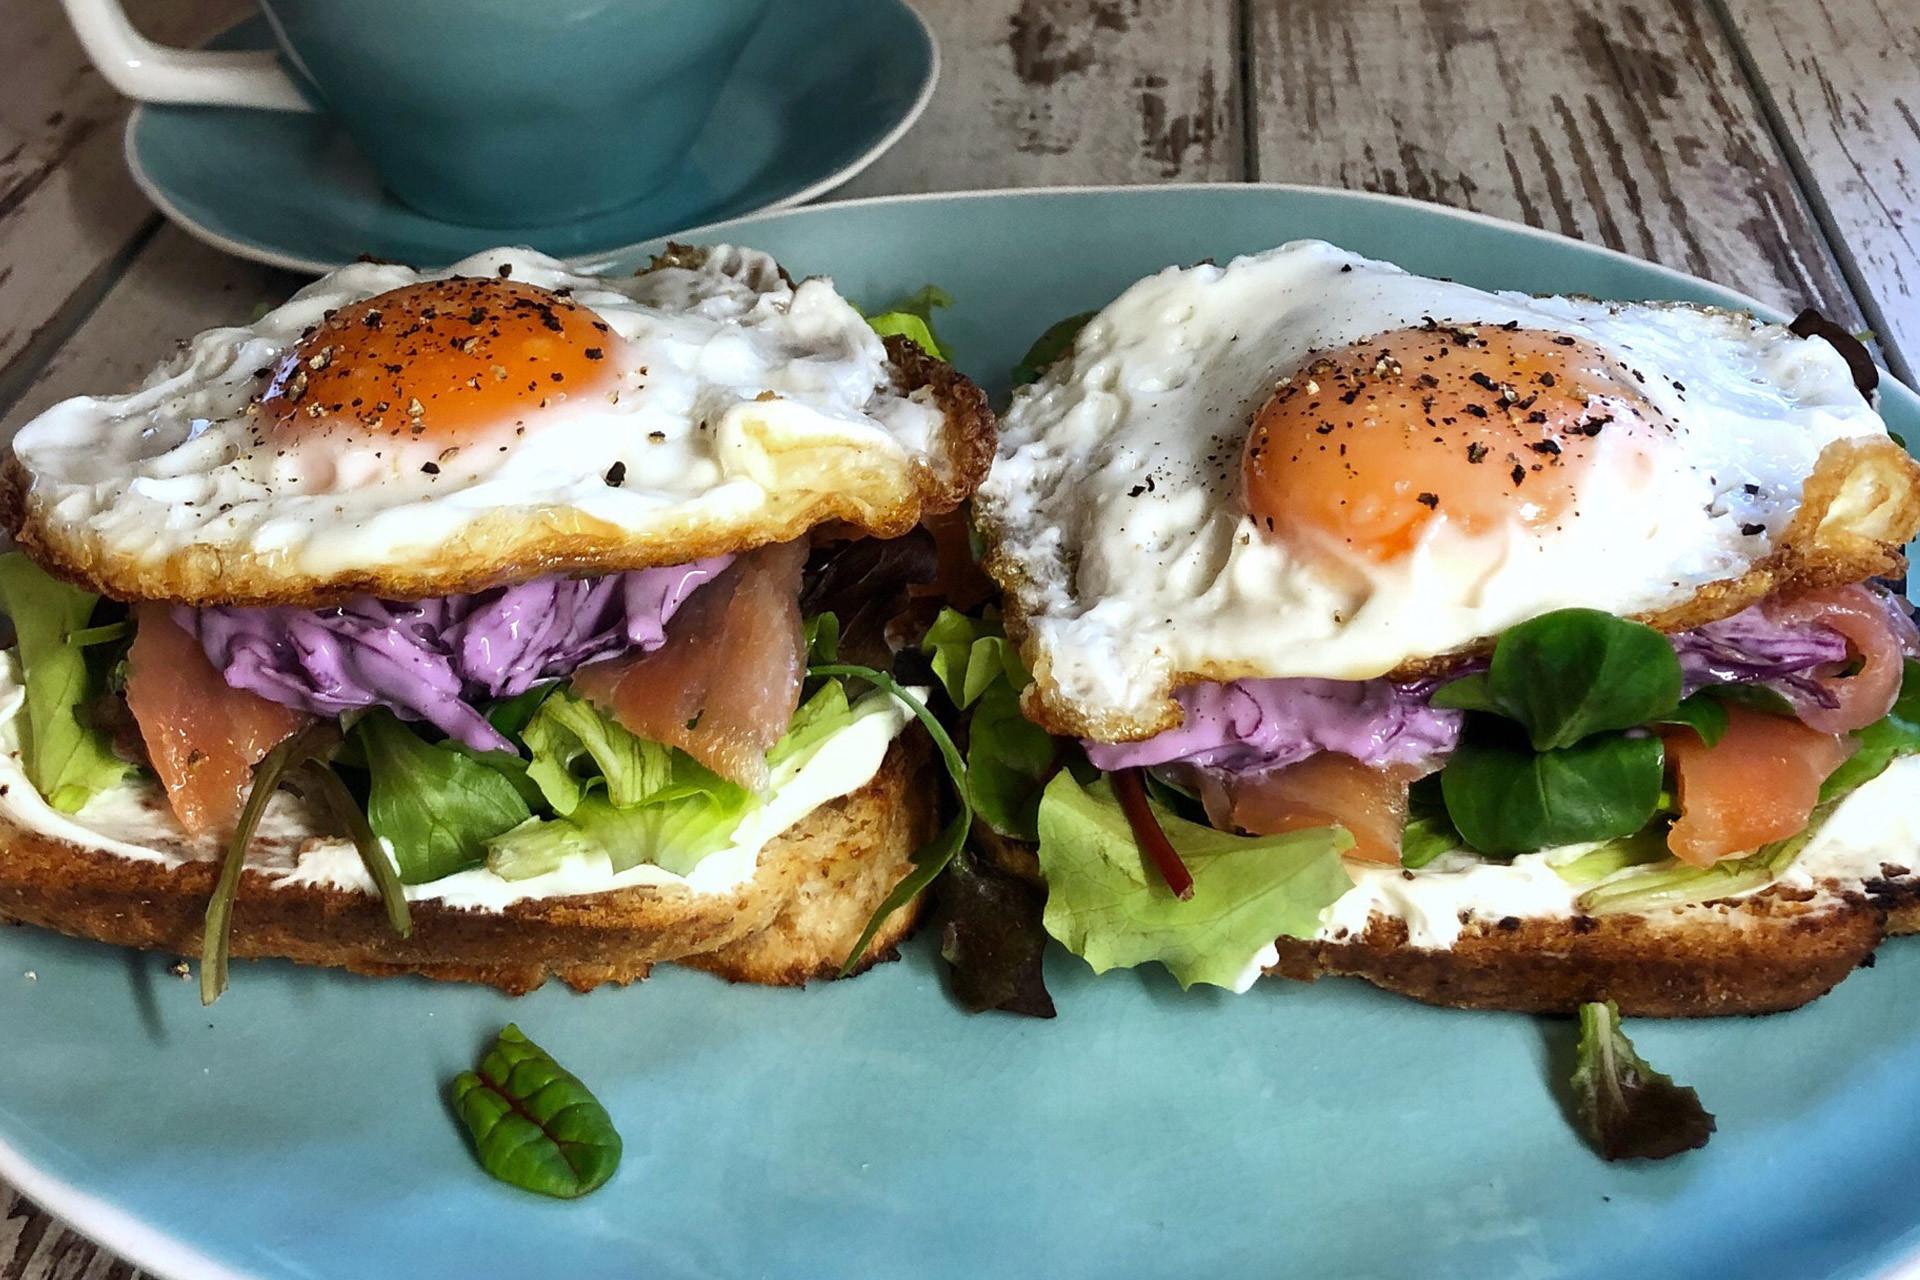 sendvič sa dimljenim lososom-doručak-sendvič-jaja na oko-salata od crvenog kupusa-salata-dimljeni losos-tost hleb-obrok sendvič-zdrav sendvić-baby mix salata-doručak recepti-recepti za doručak-recept doručak-klub zdravih navika-iceberg salat centar